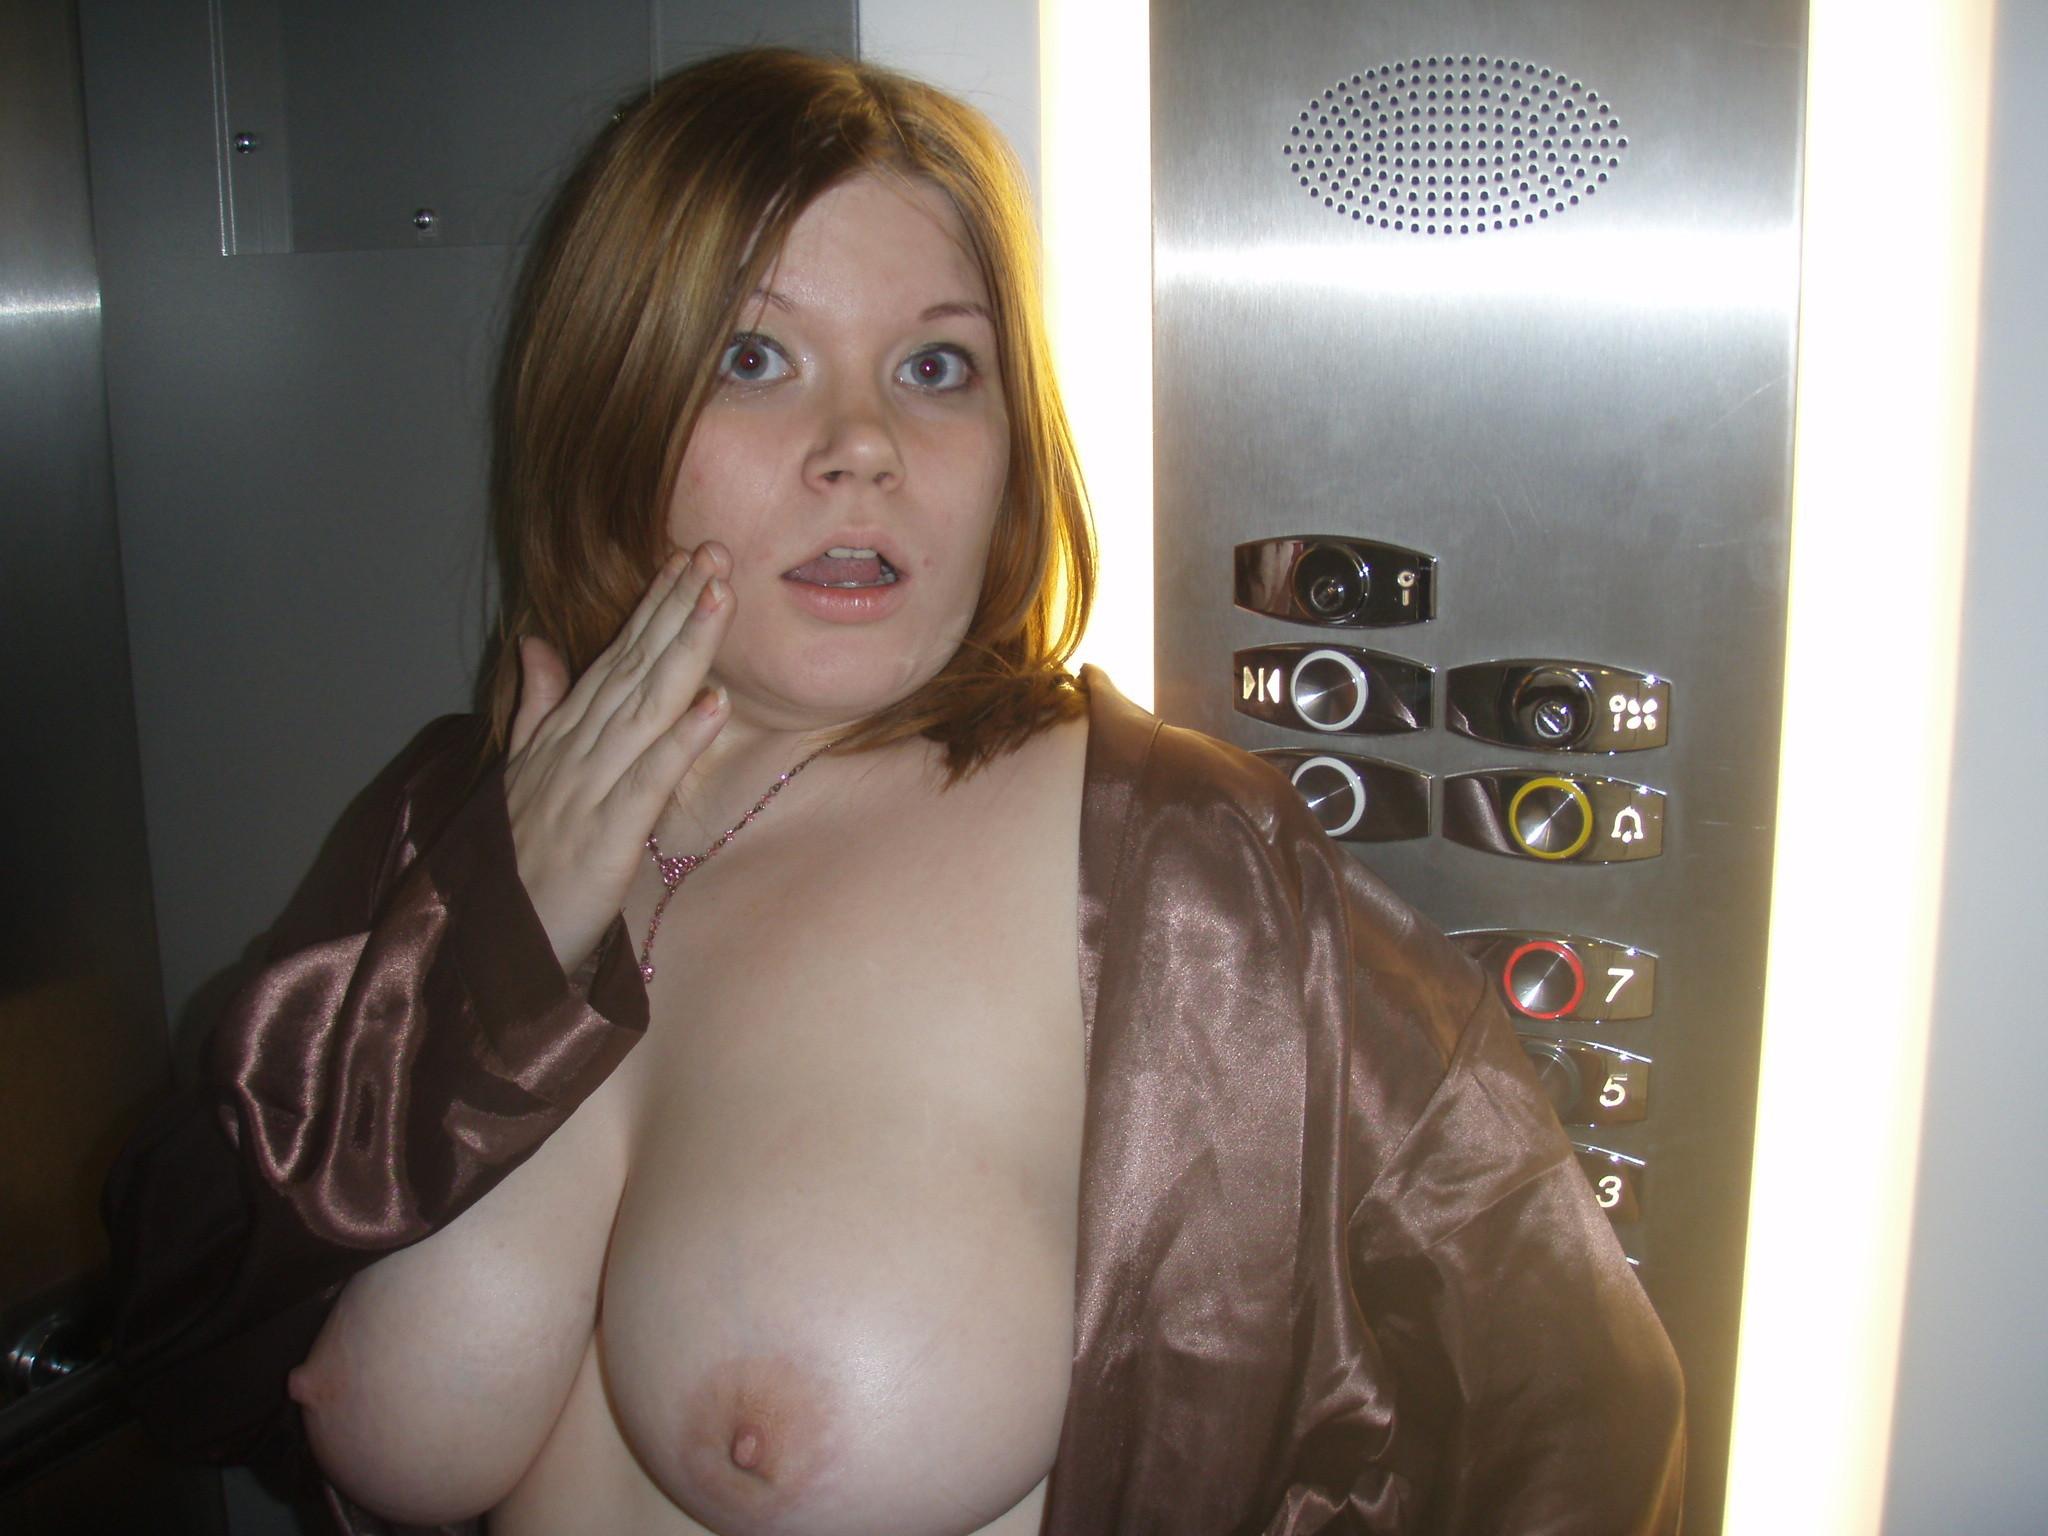 Milf aux gros seins se fait eclater le cul 1